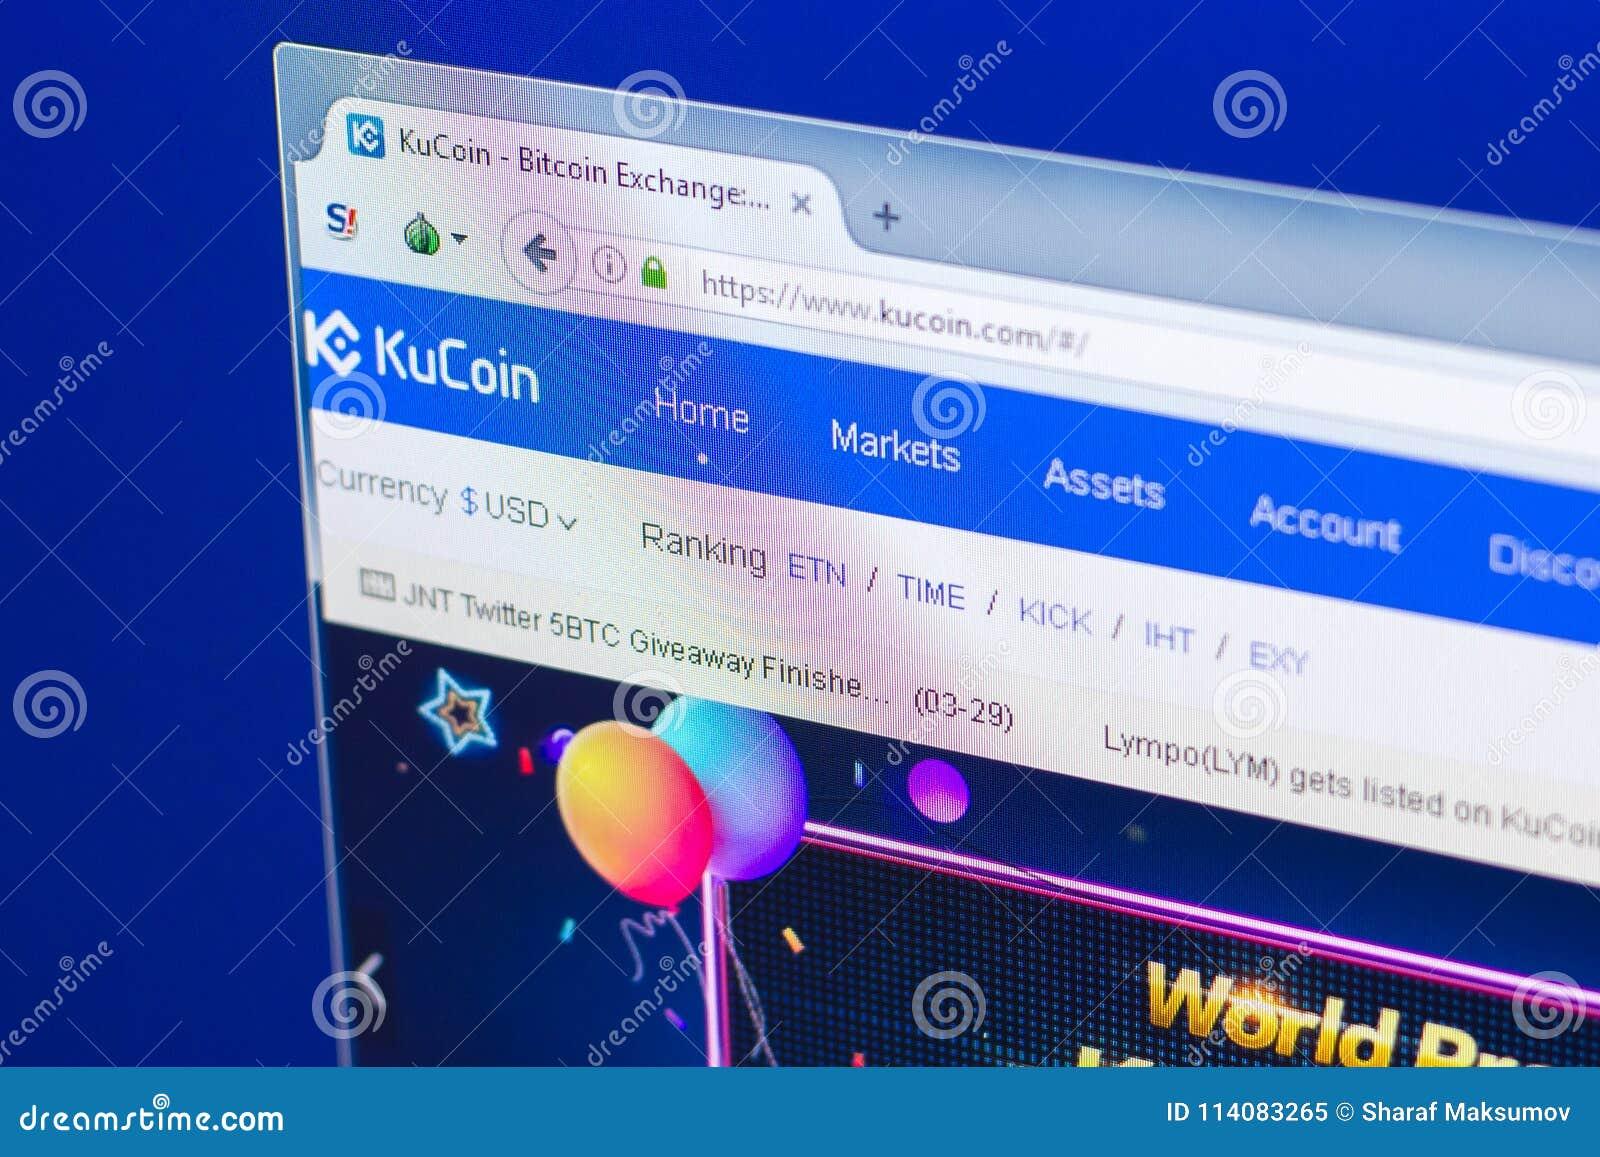 Riazan, Russie - 29 mars 2018 - page d accueil de crypto devise de KuCoin sur l affichage de PC, adresse de Web - WWW kucoin com